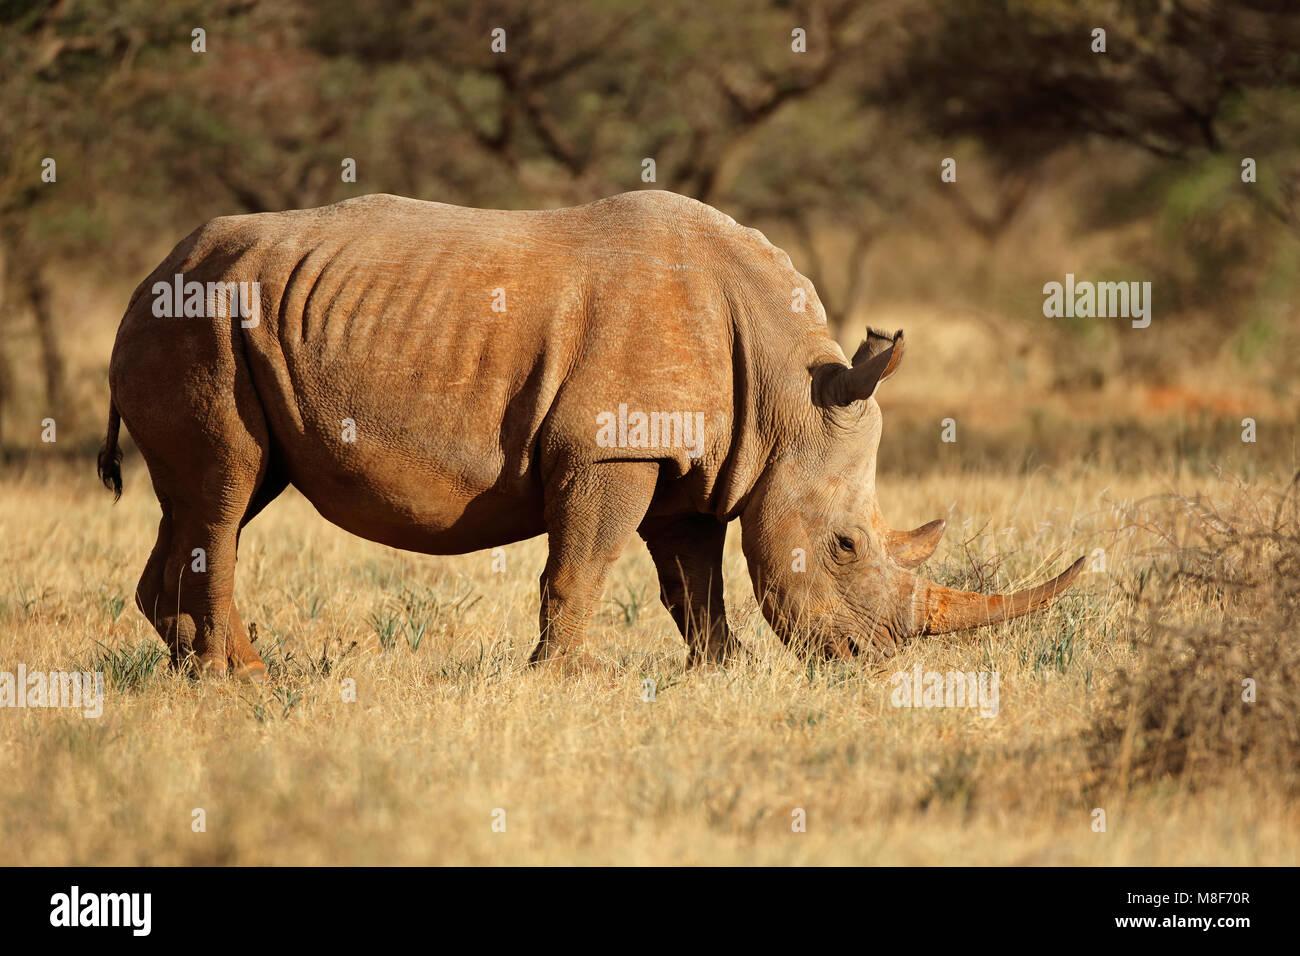 A white rhinoceros (Ceratotherium simum) grazing in natural habitat, South Africa - Stock Image